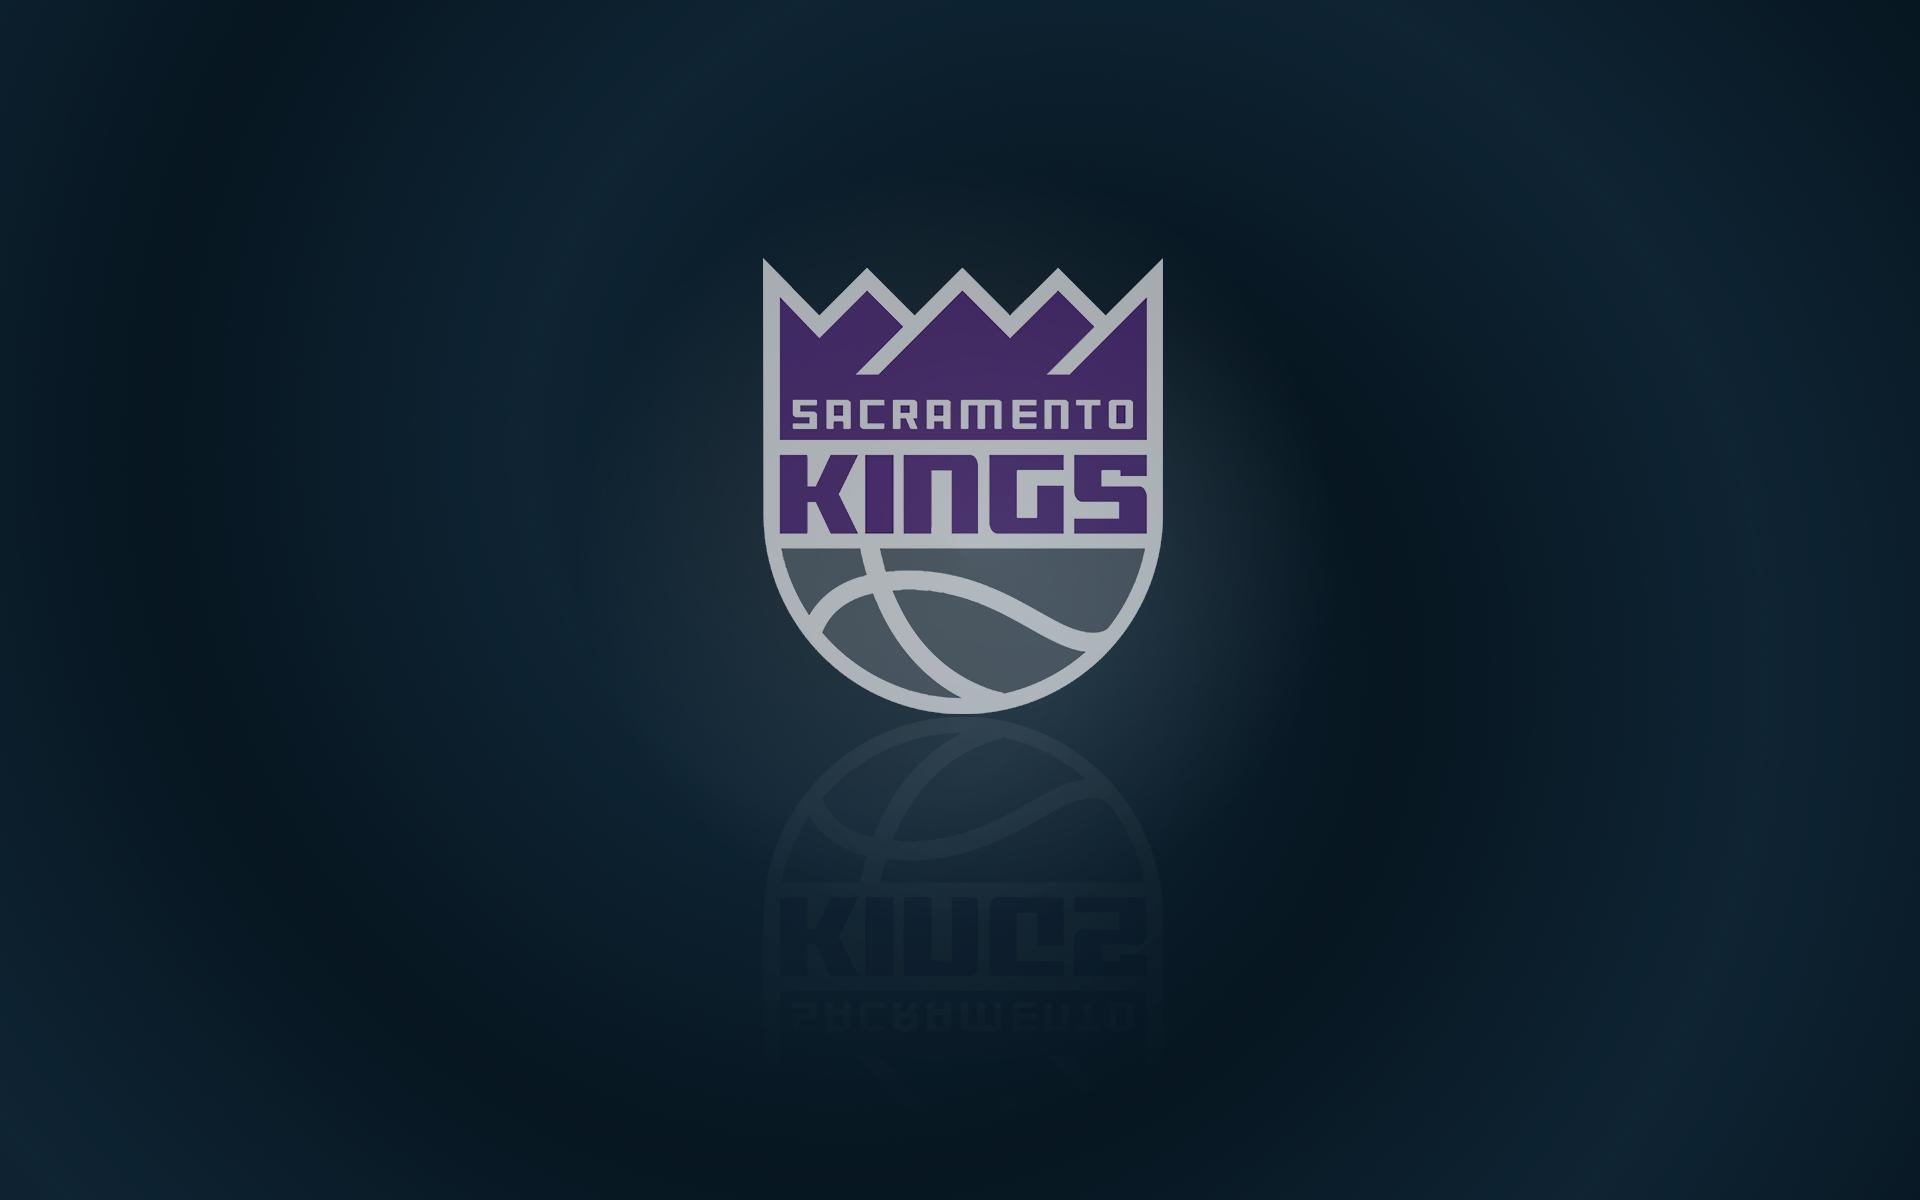 Sacramento Kings Wallpaper And Logo 1920x1200 Widescreen 16x10